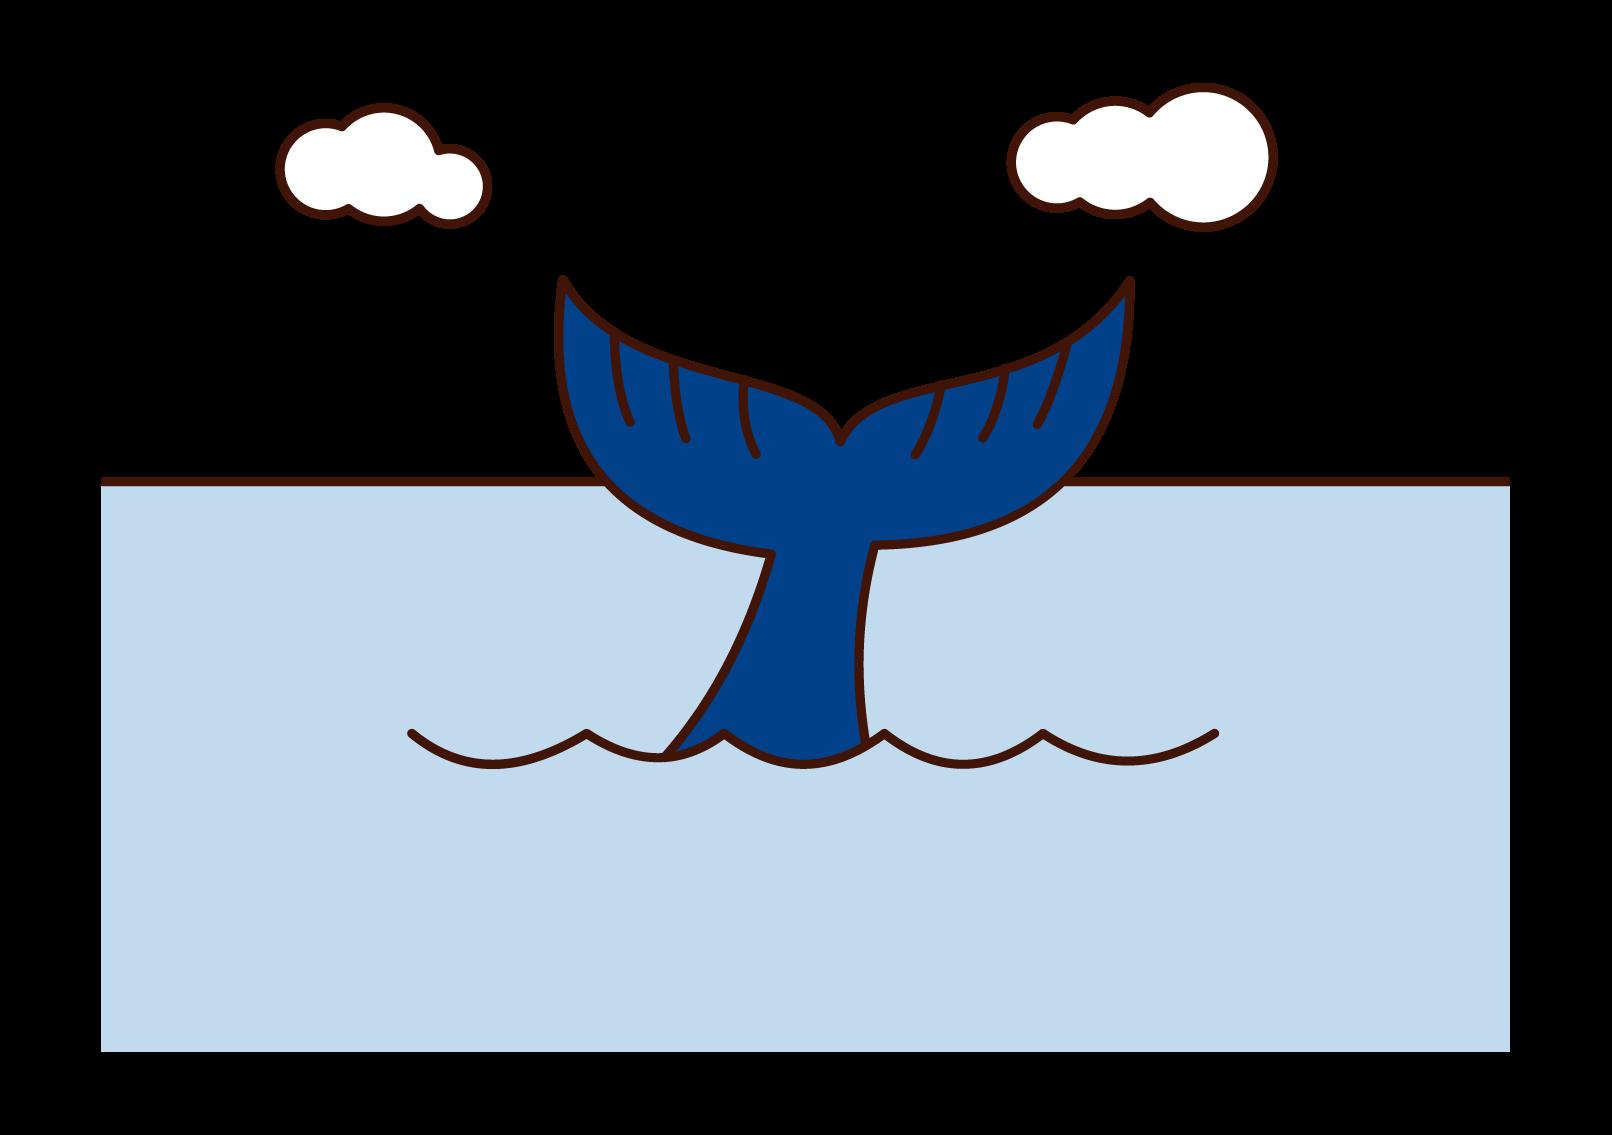 クジラの尻尾のイラスト